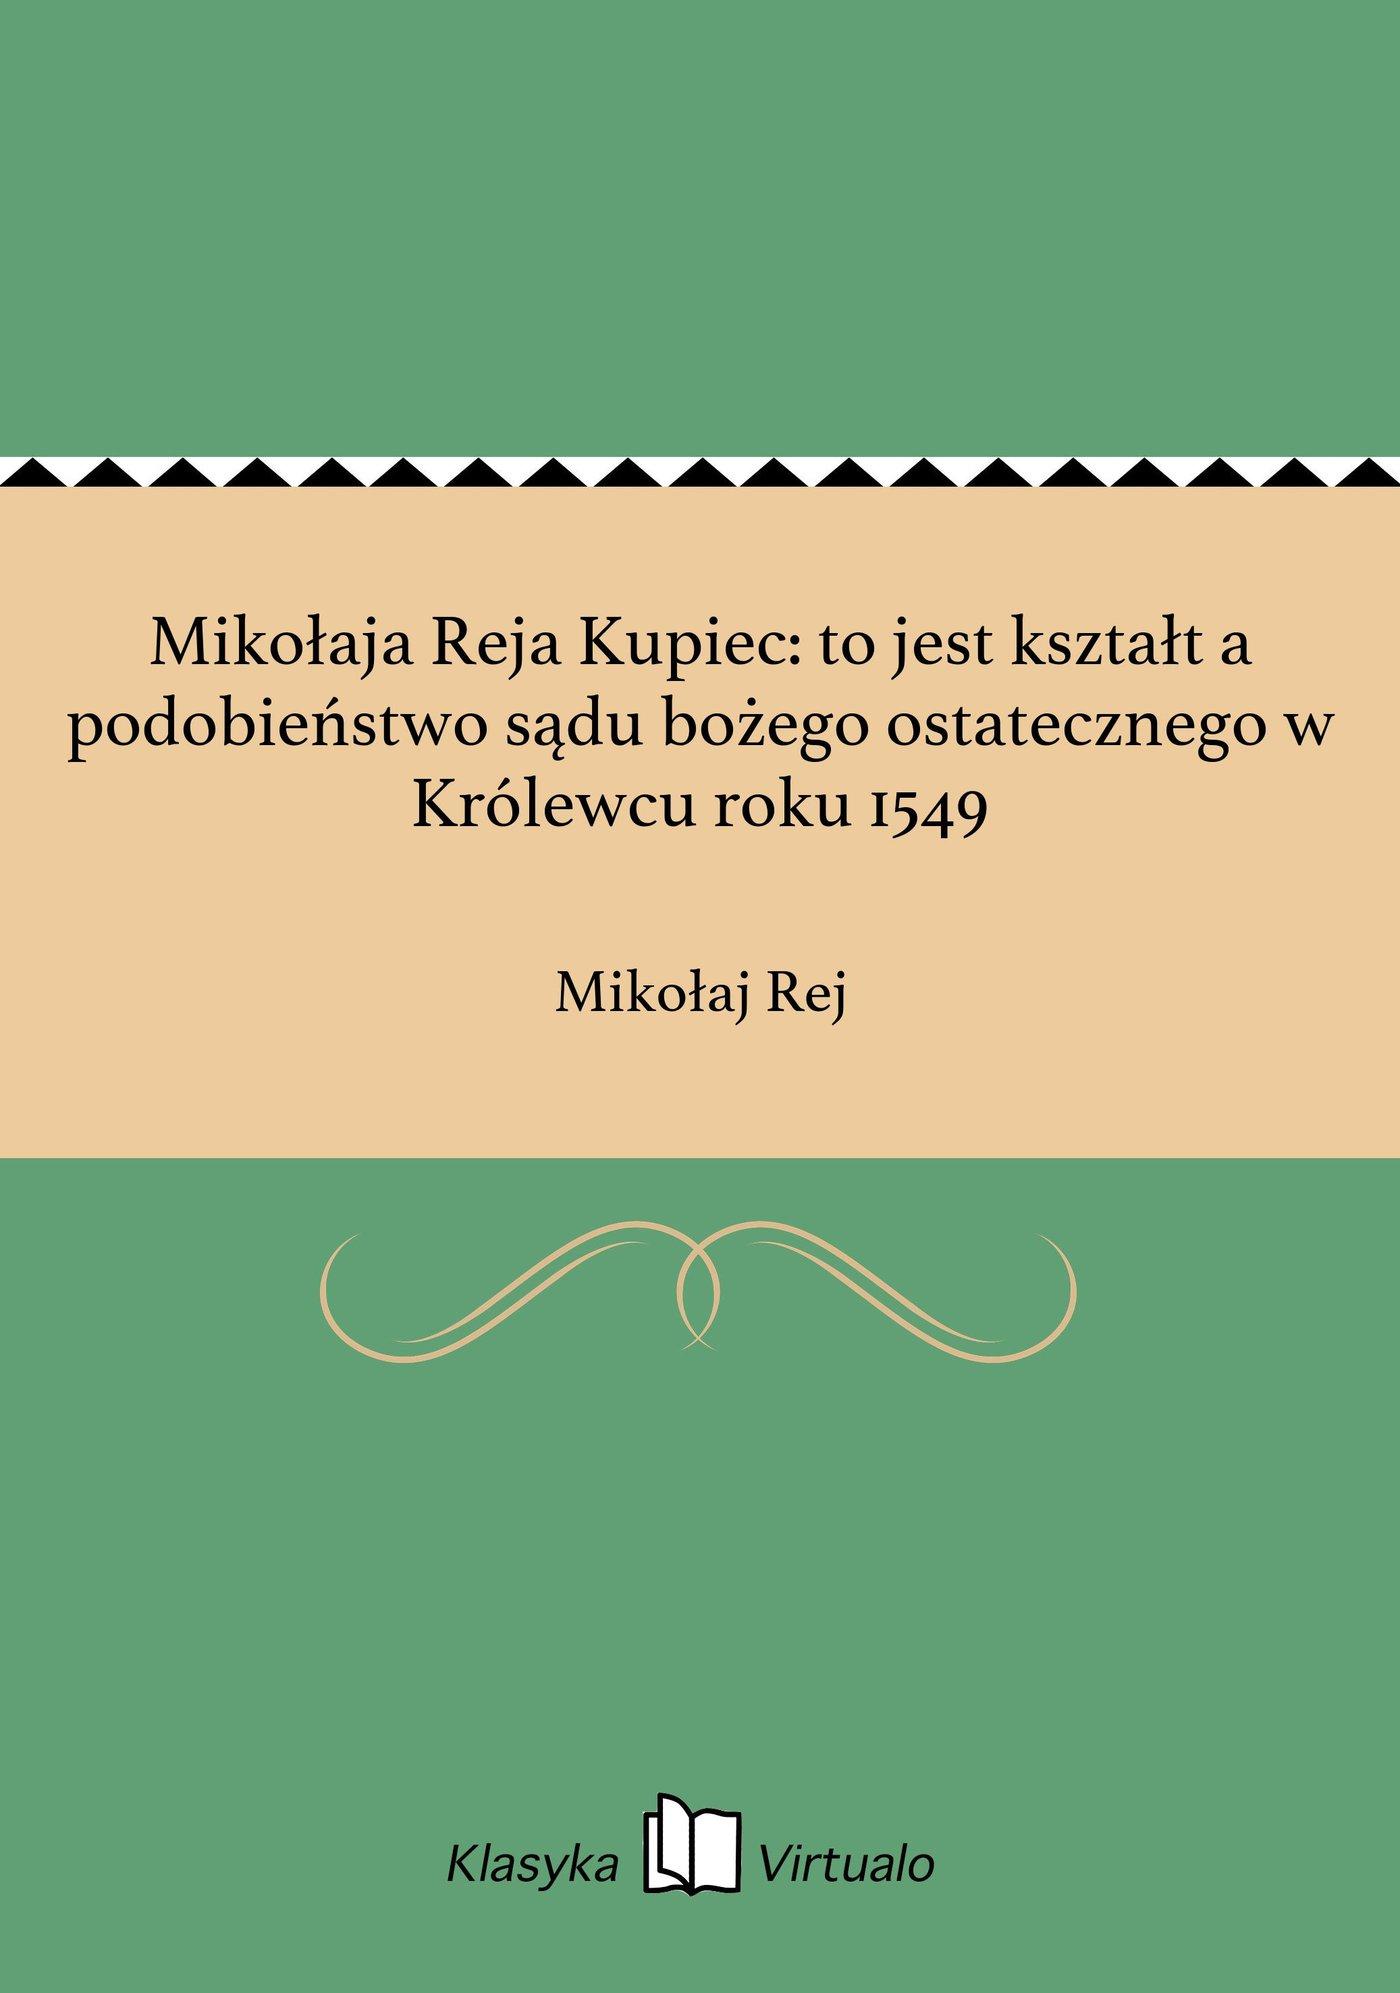 Mikołaja Reja Kupiec: to jest kształt a podobieństwo sądu bożego ostatecznego w Królewcu roku 1549 - Ebook (Książka EPUB) do pobrania w formacie EPUB